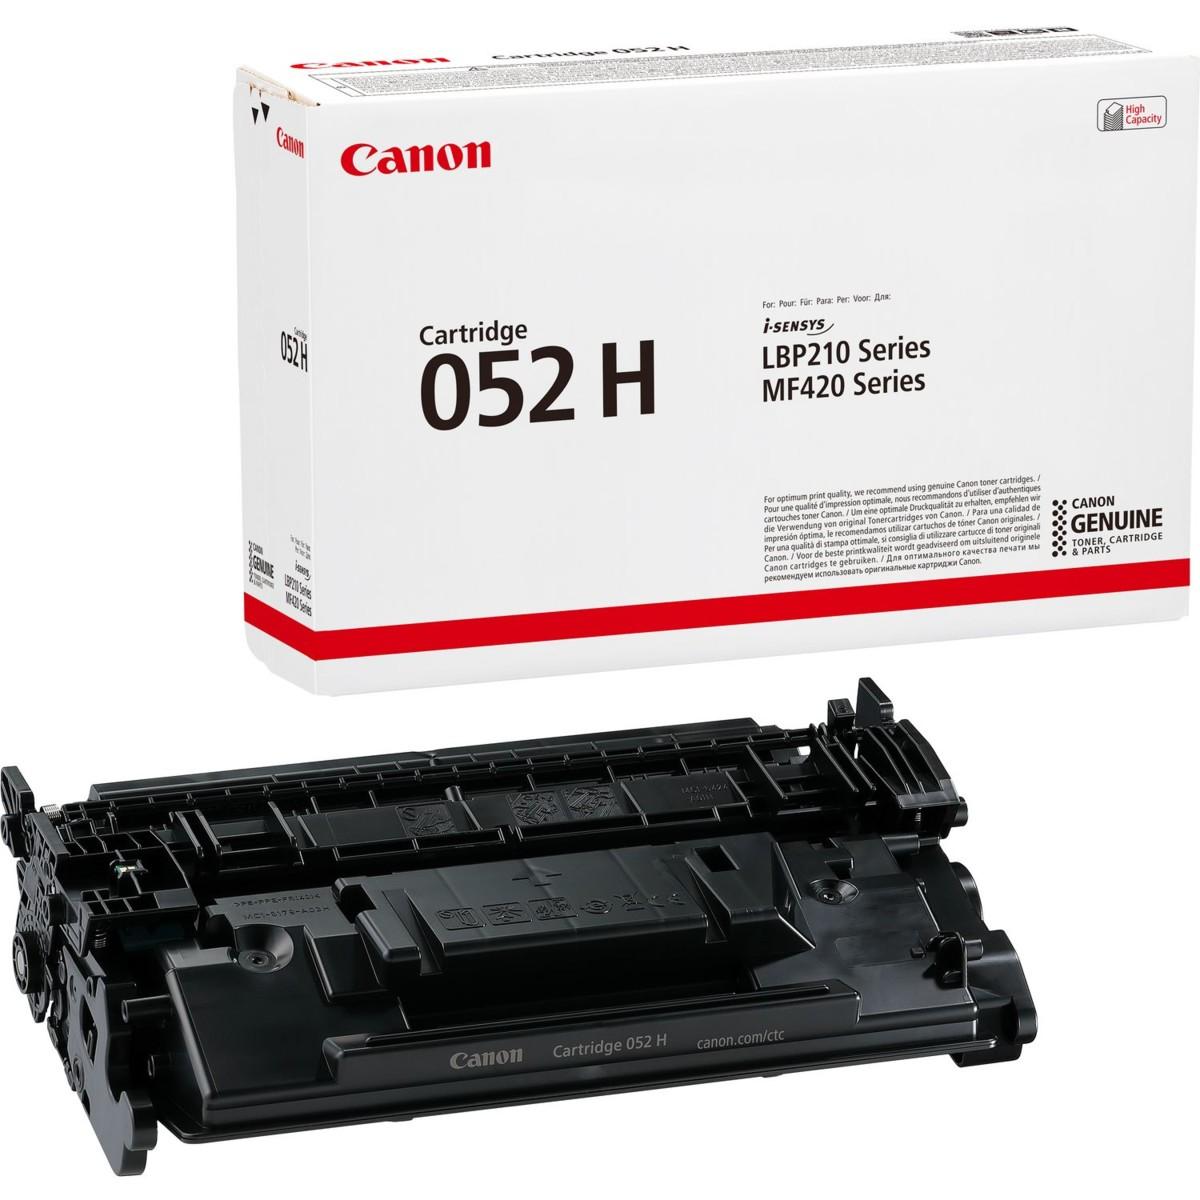 Toner Canon 052H, 2200C002 - originálny (Čierny)